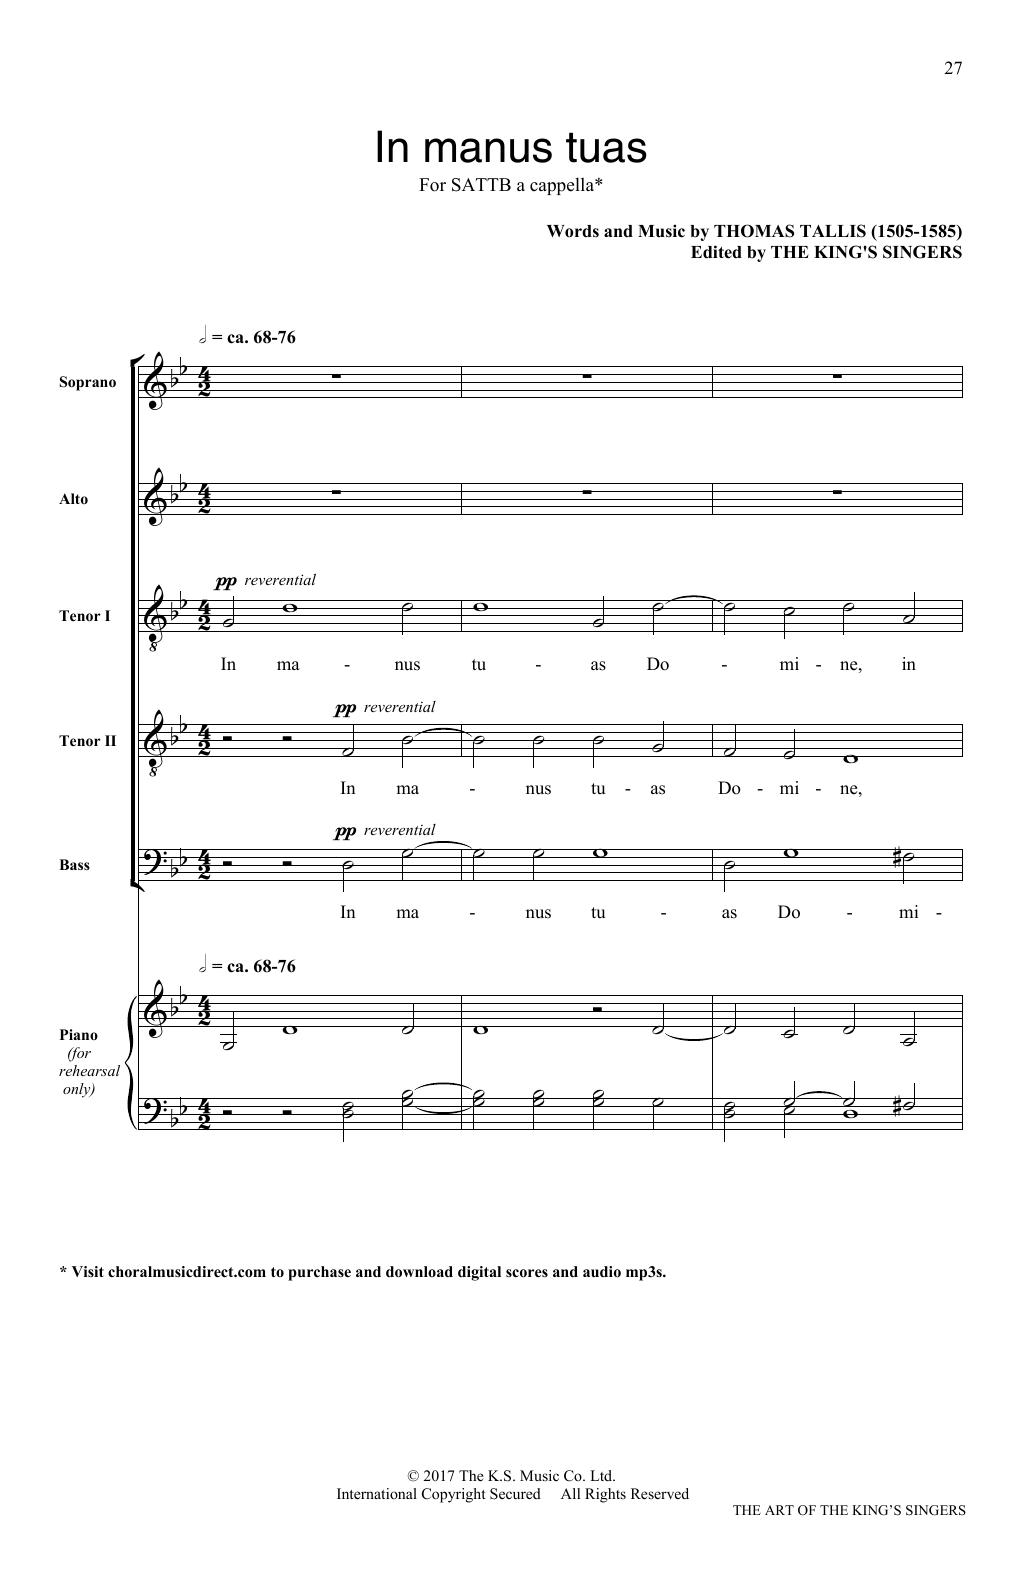 Thomas Tallis In Manus Tuas sheet music notes and chords. Download Printable PDF.